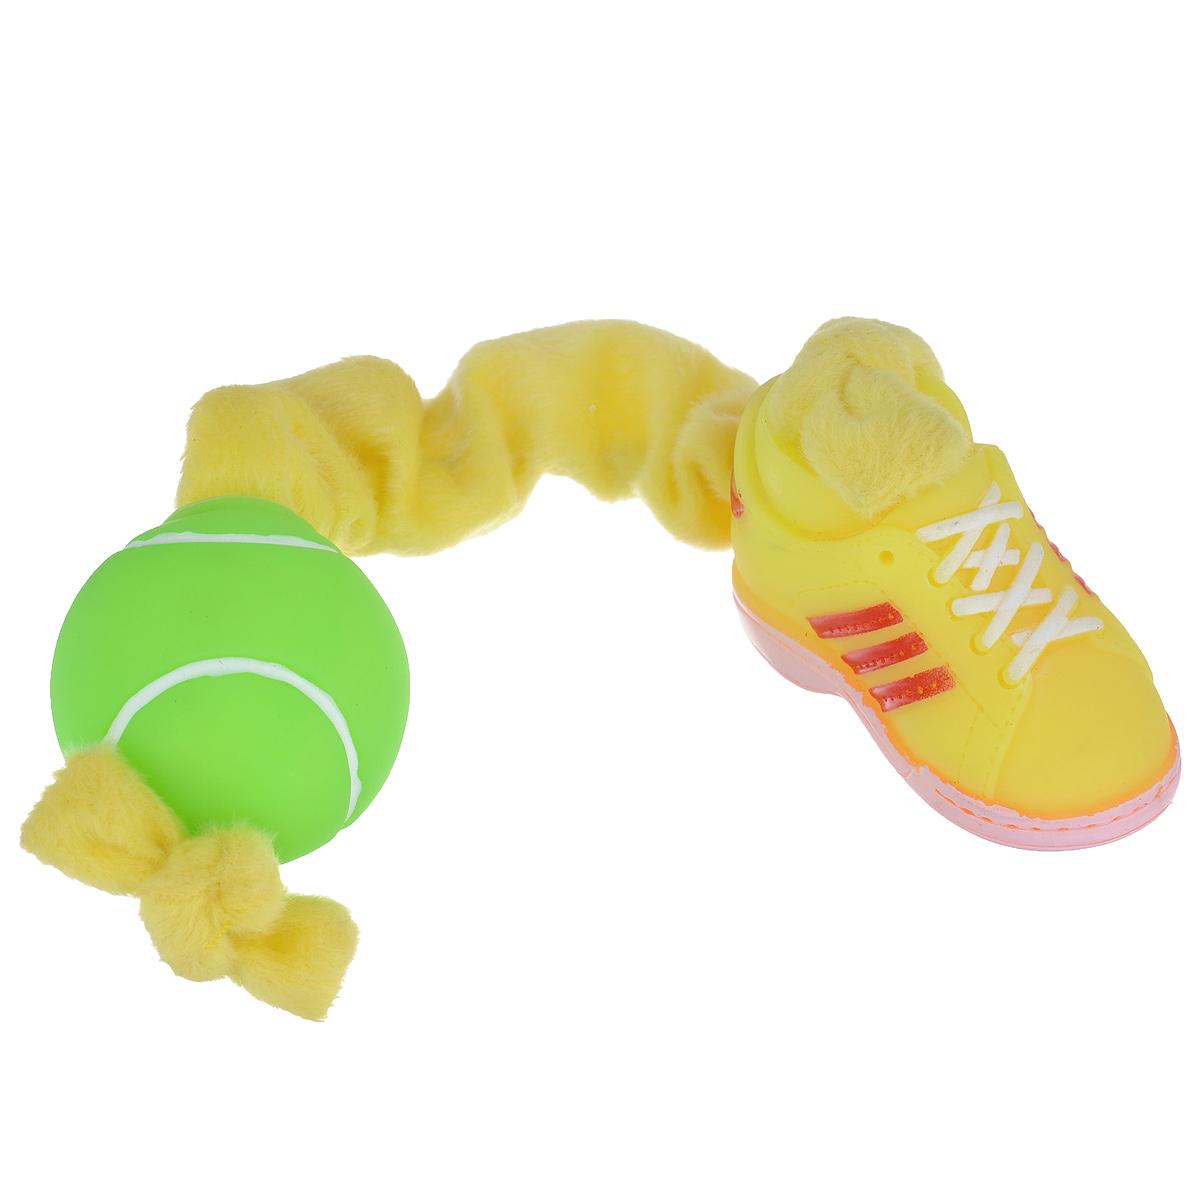 Игрушка для собак I.P.T.S. Ботинок и мяч, цвет: желтый, салатовый16269/620166Игрушка I.P.T.S. Ботинок и мяч, изготовленная из текстиля и резины, выполнена в виде мяча с одной стороны и ботинка с другой. Эластичная веревка позволяет собаке активно играть. Такая игрушка не навредит здоровью вашего питомца и увлечет его на долгое время. Общая длина игрушки: 24-32 см. Диаметр мяча: 5 см. Размер ботинка: 7,5 см х 4 см х 5,5 см.